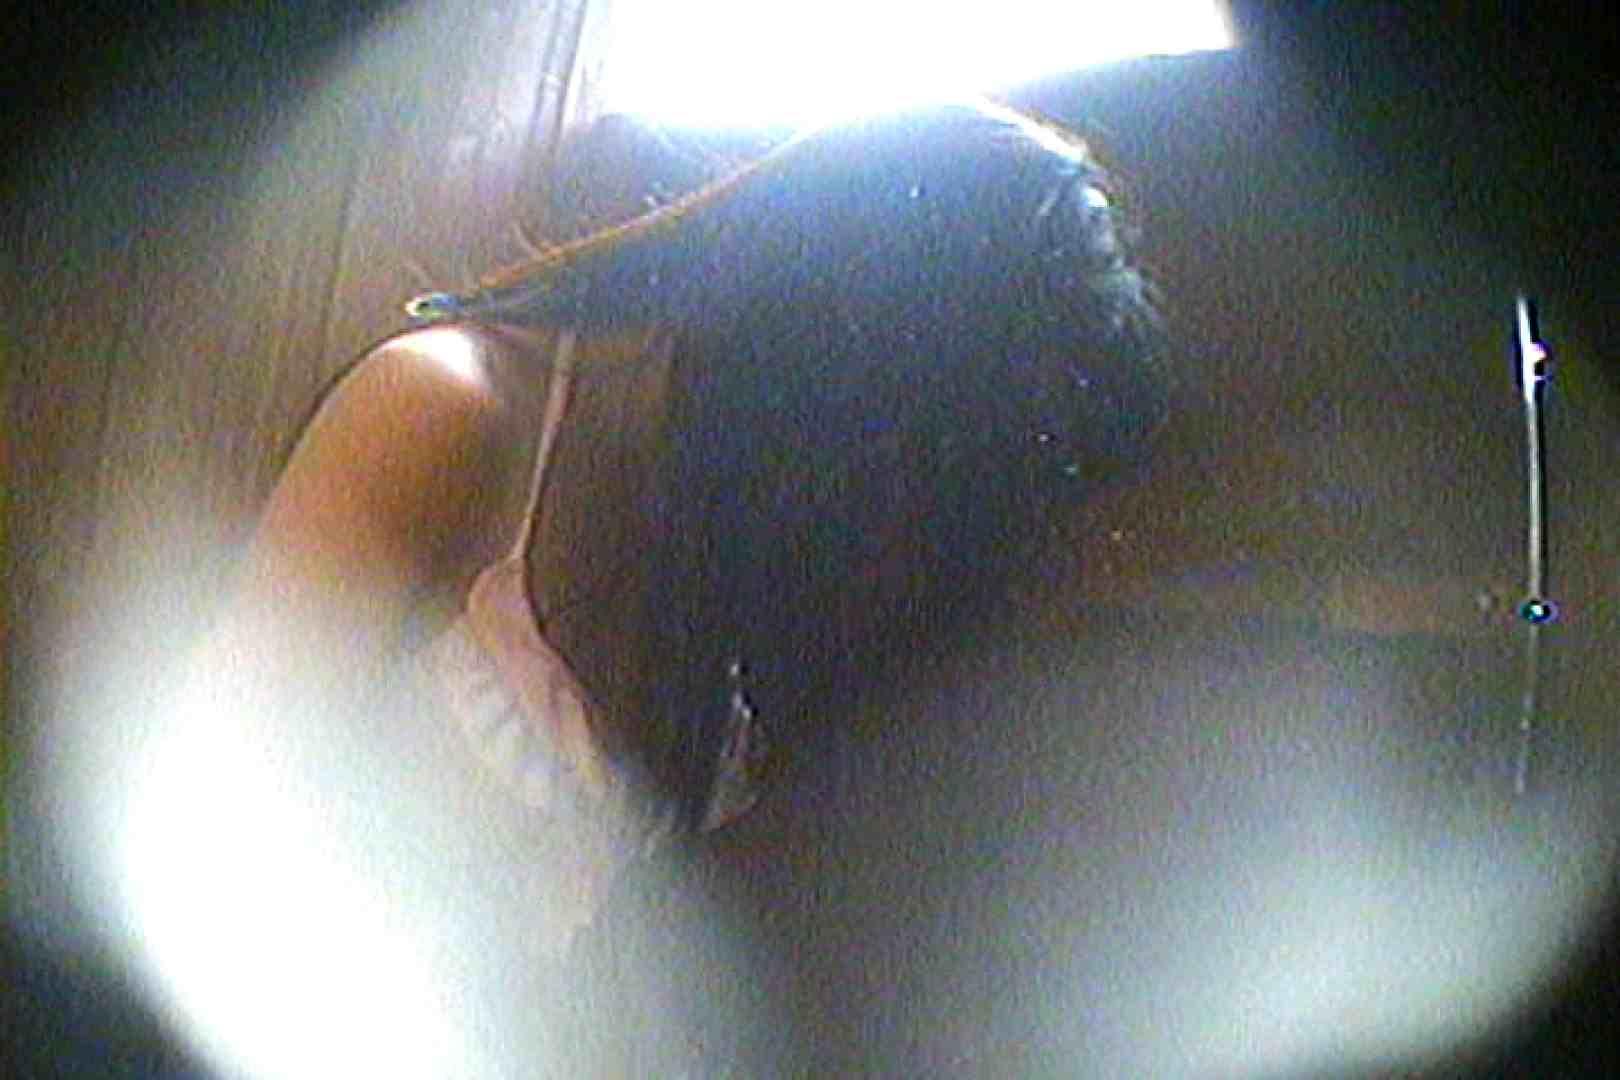 海の家の更衣室 Vol.61 美女 盗撮オマンコ無修正動画無料 62pic 5